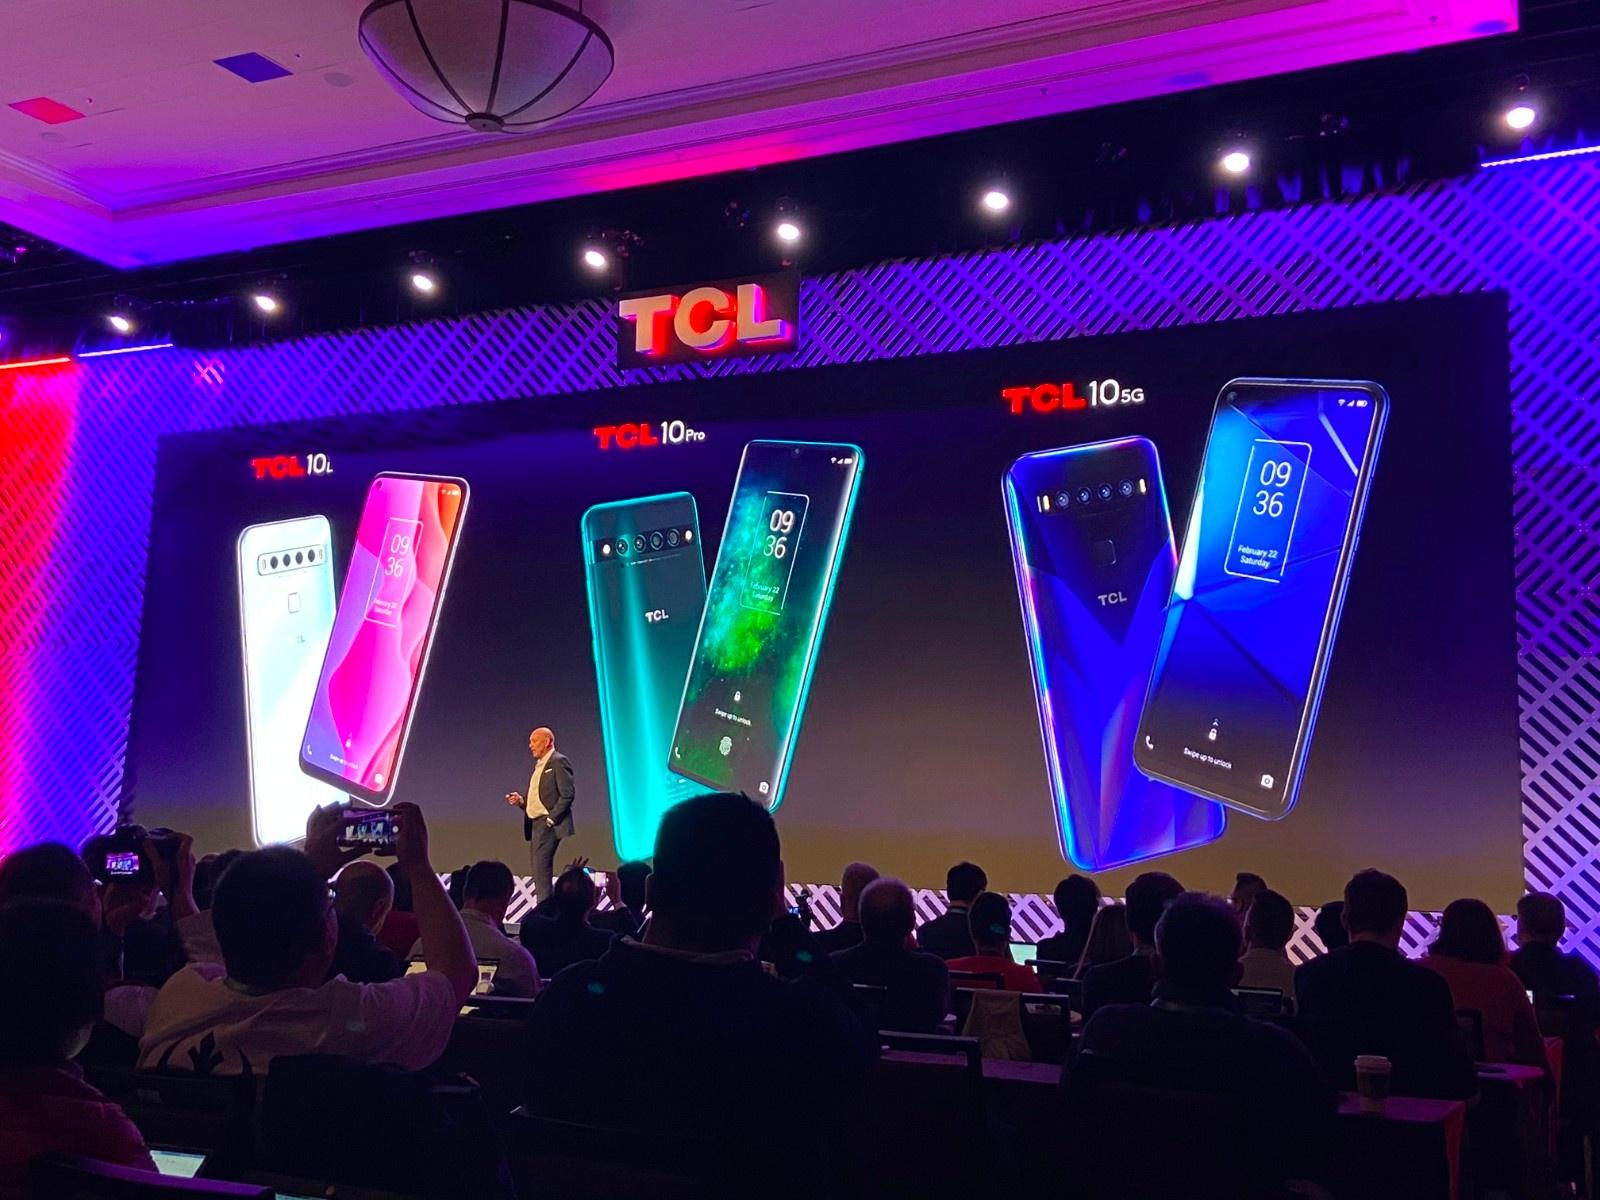 """TCL品牌手机首次进军美国 能借5G实现""""王者归来""""吗"""